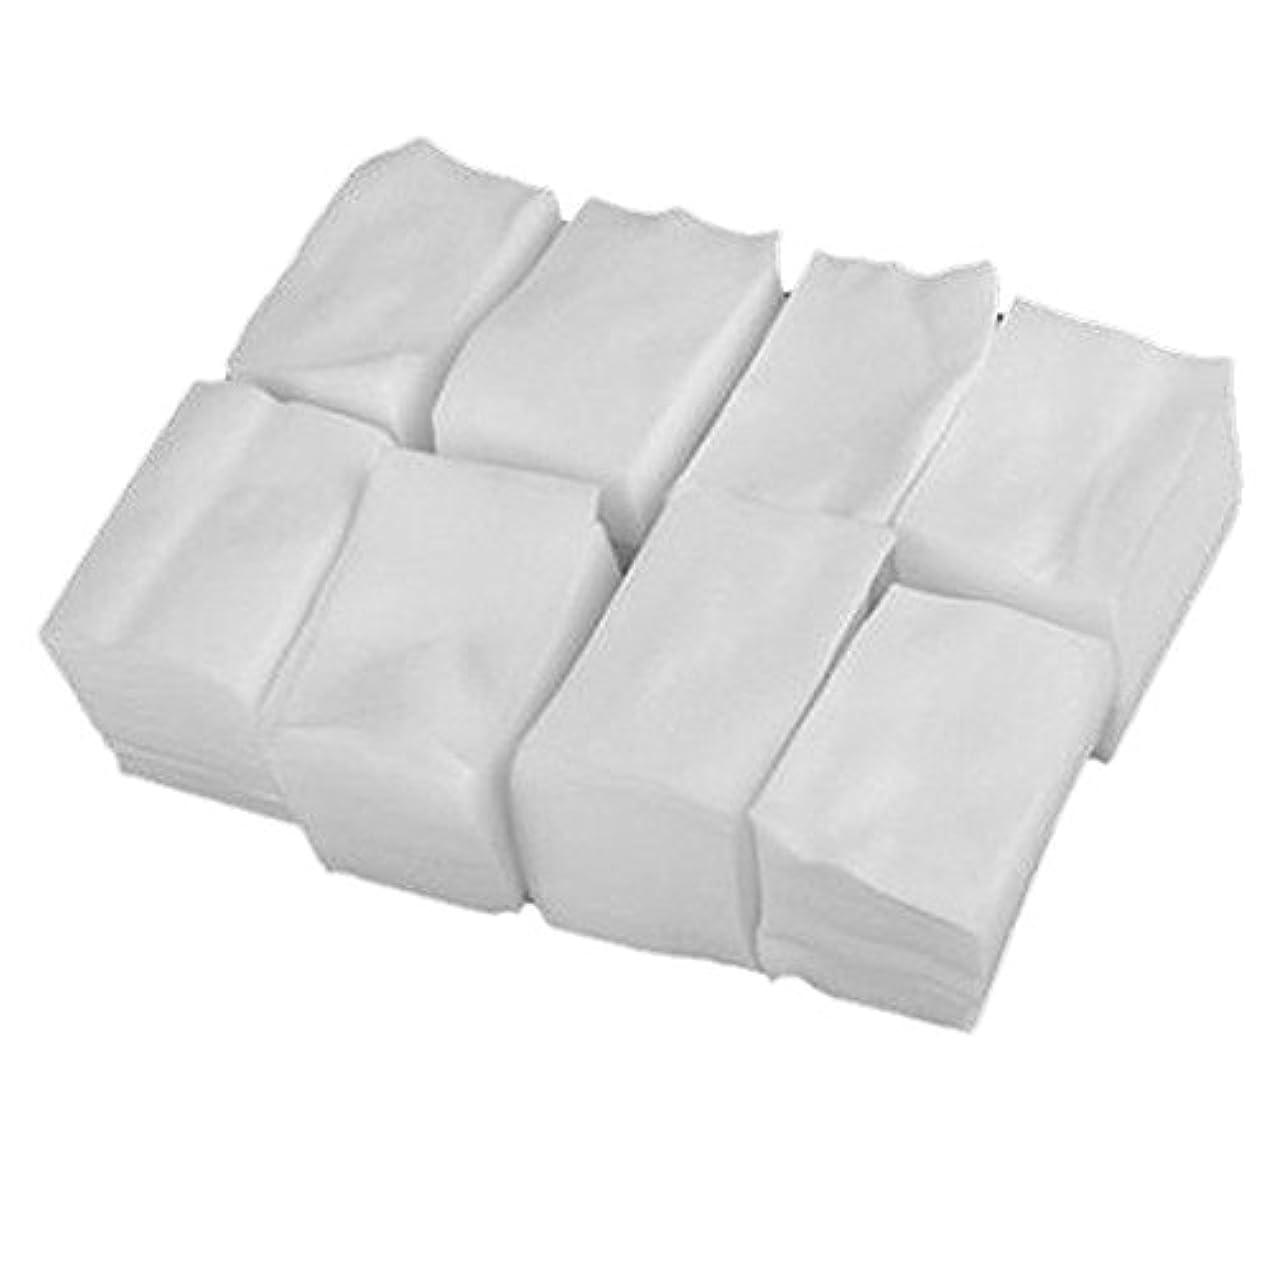 シャワーその結果頑丈Vi.yo ネイル ジェル ワイプ 天然素材 不織布 コットン ジェルの拭き取り 油分除去 クリーニング 900枚以上